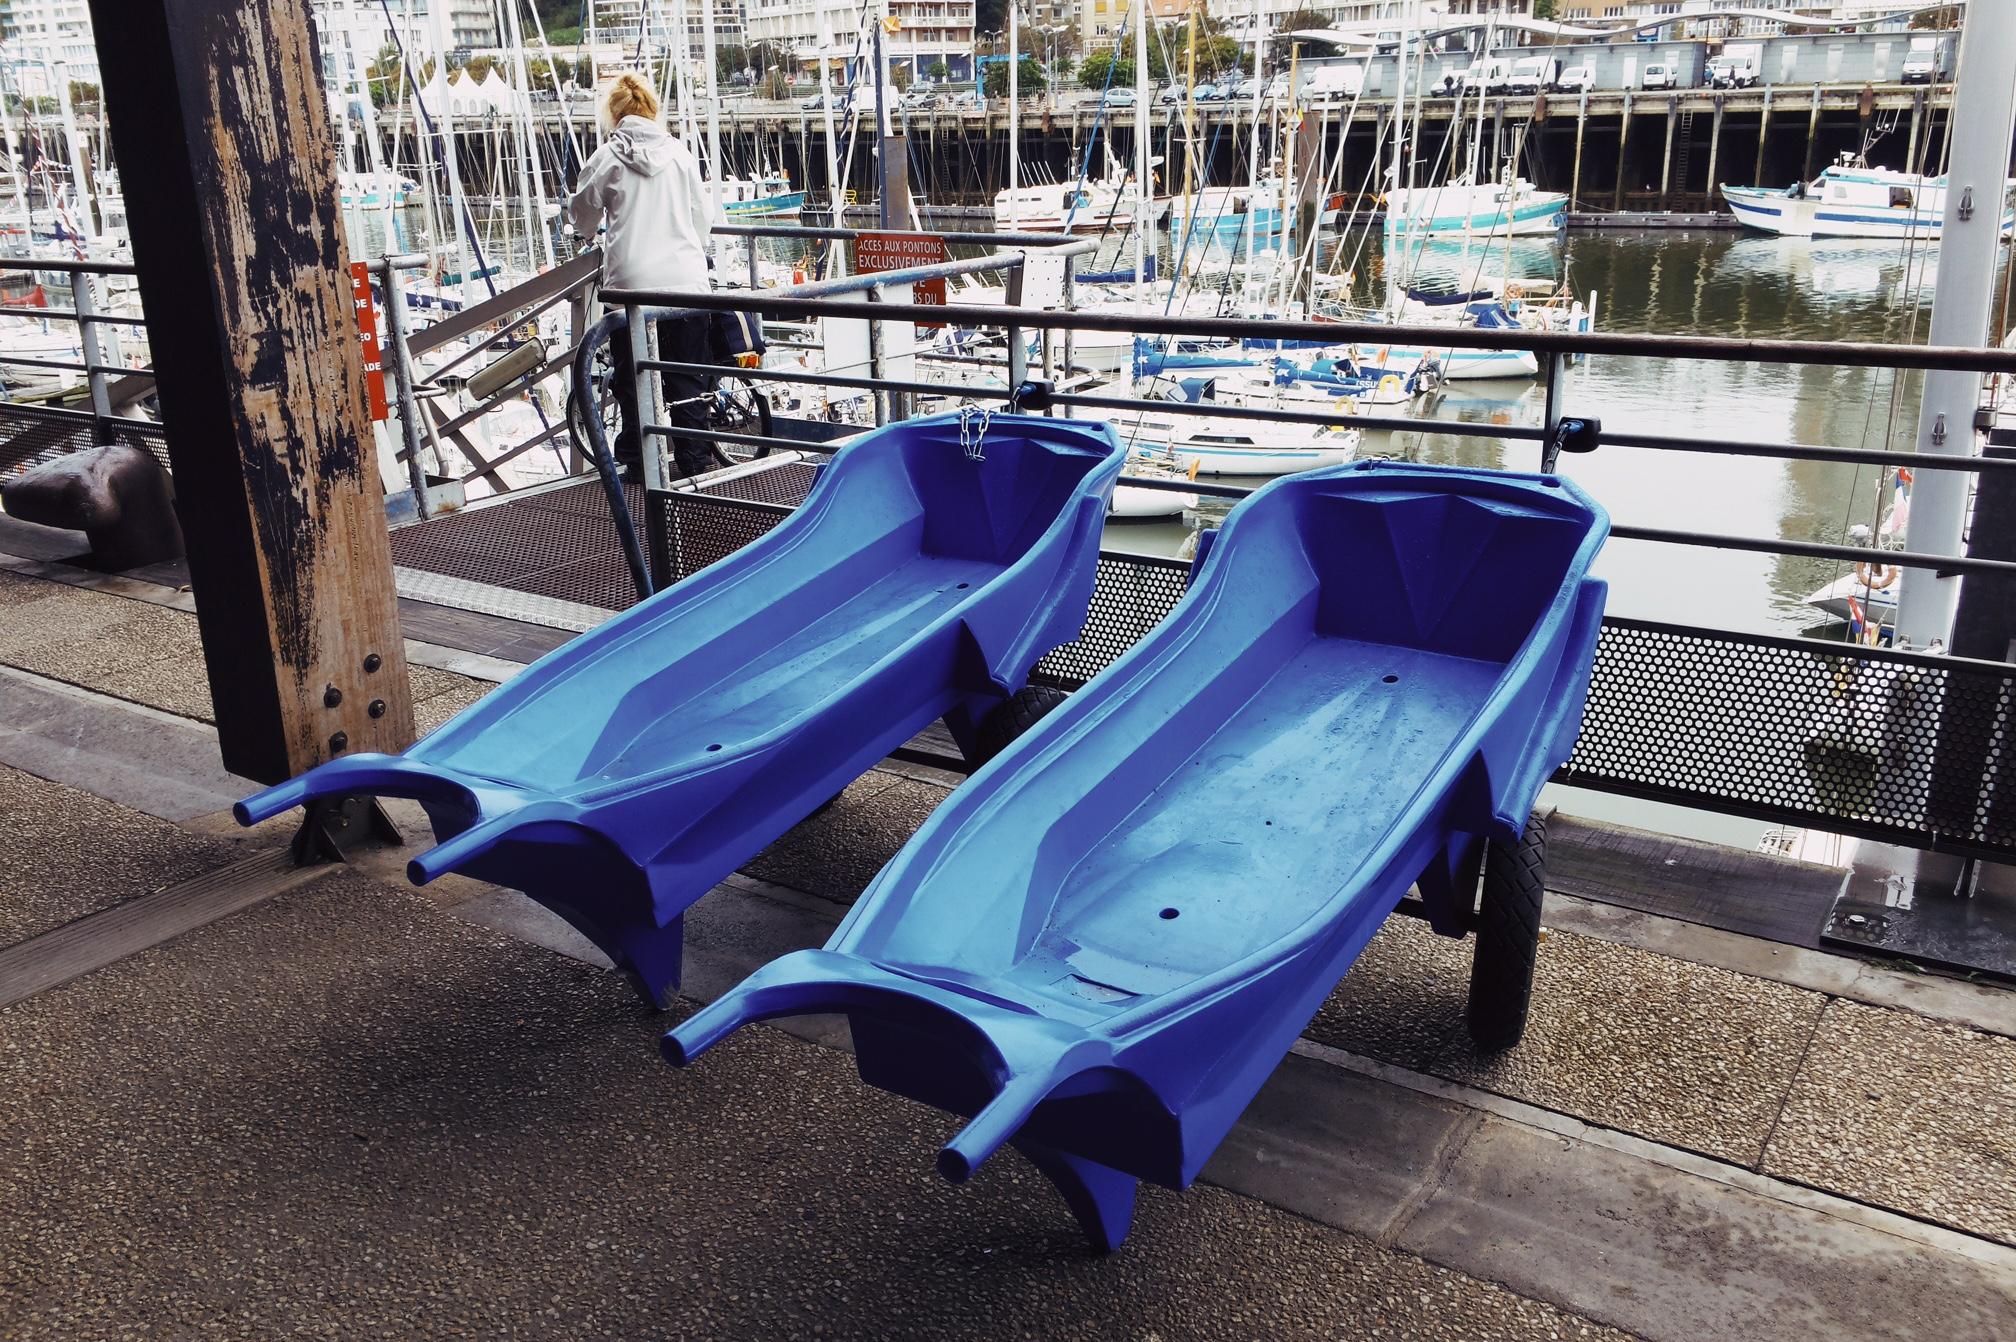 Nouveaute mise disposition de chariots port de plaisance boulogne sur mer - Port de plaisance de boulogne sur mer ...